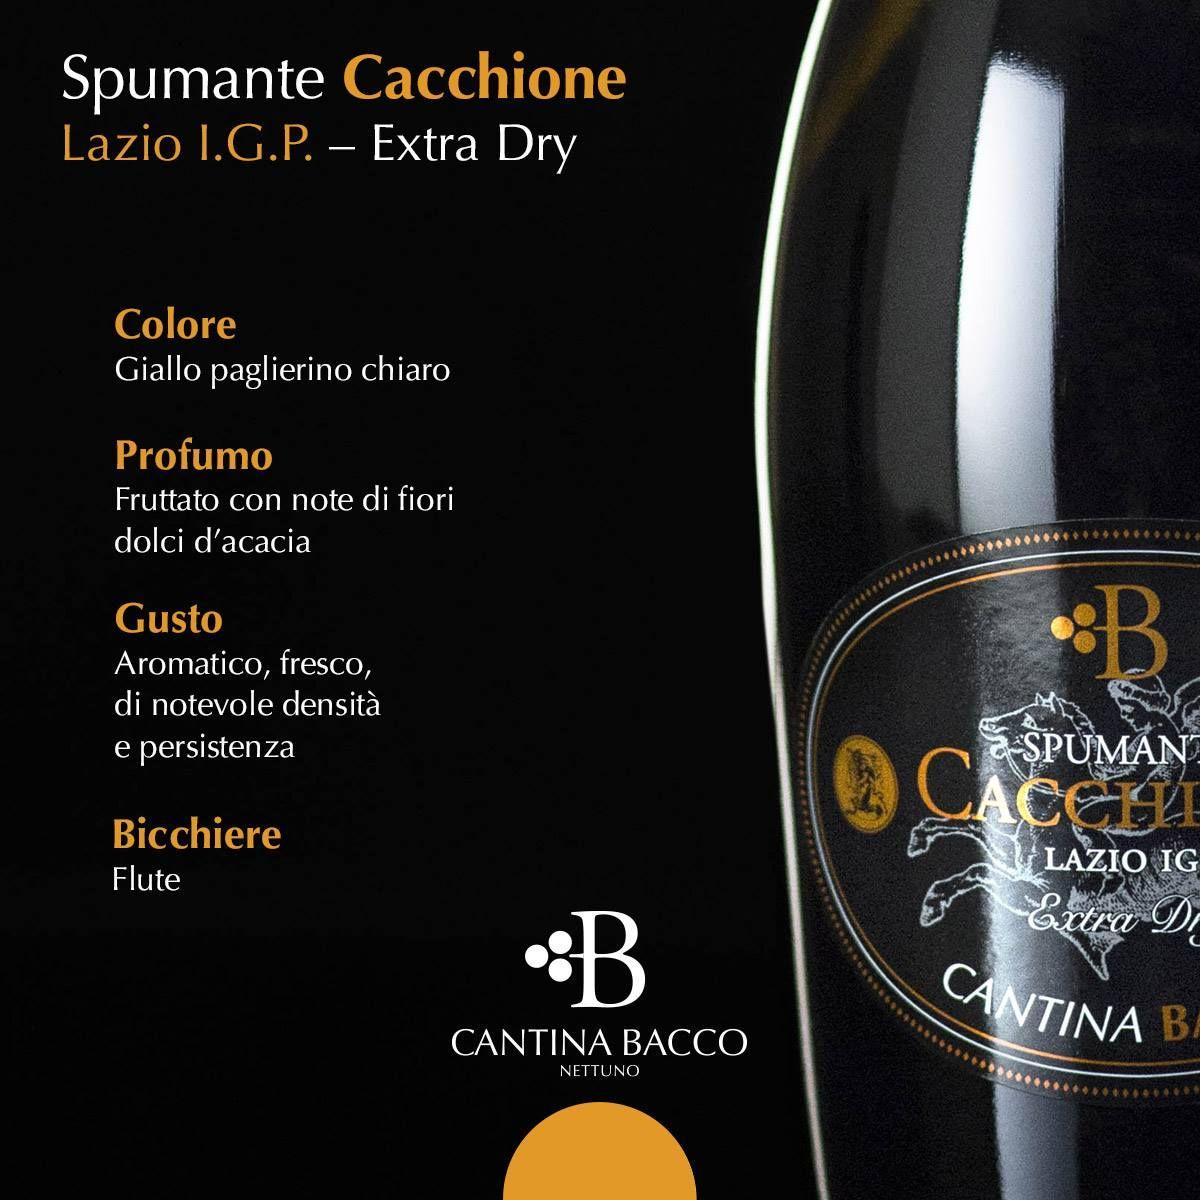 Mazzo Di Fiori E Spumante.Spumante Cacchione Lazio I G P Extra Dry Color Light Straw